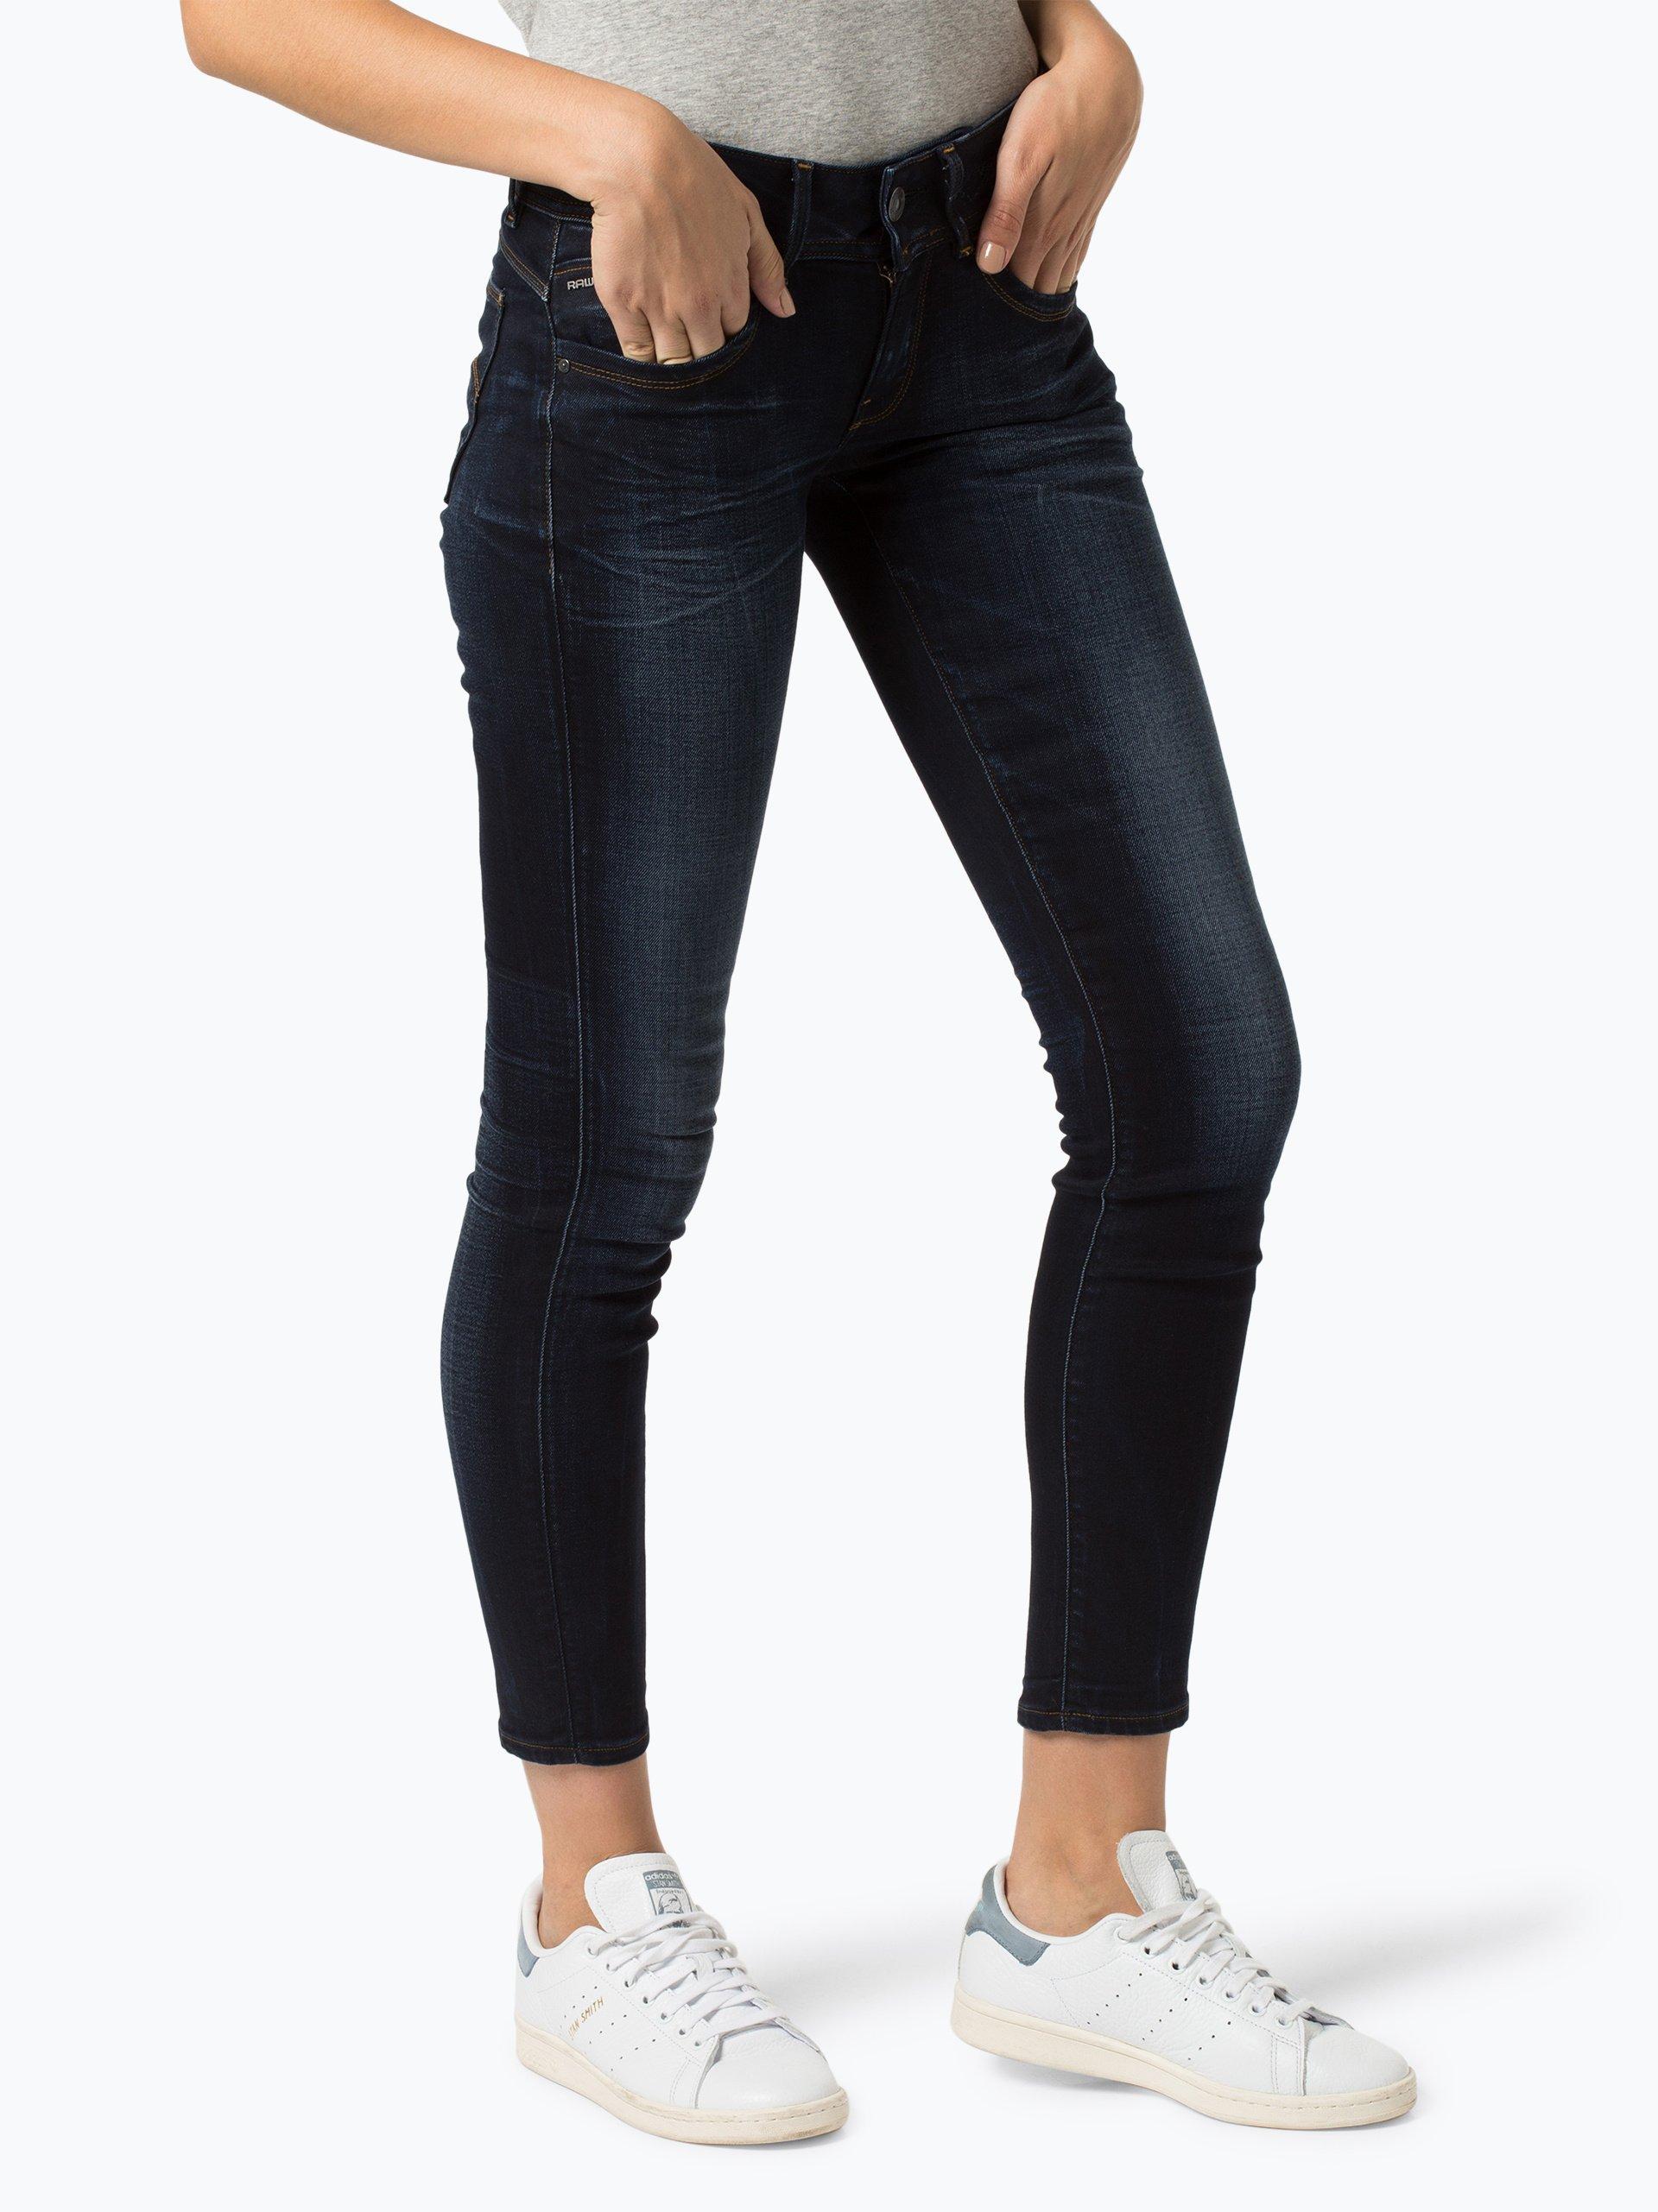 g star damen jeans lynn blau indigo uni online kaufen. Black Bedroom Furniture Sets. Home Design Ideas